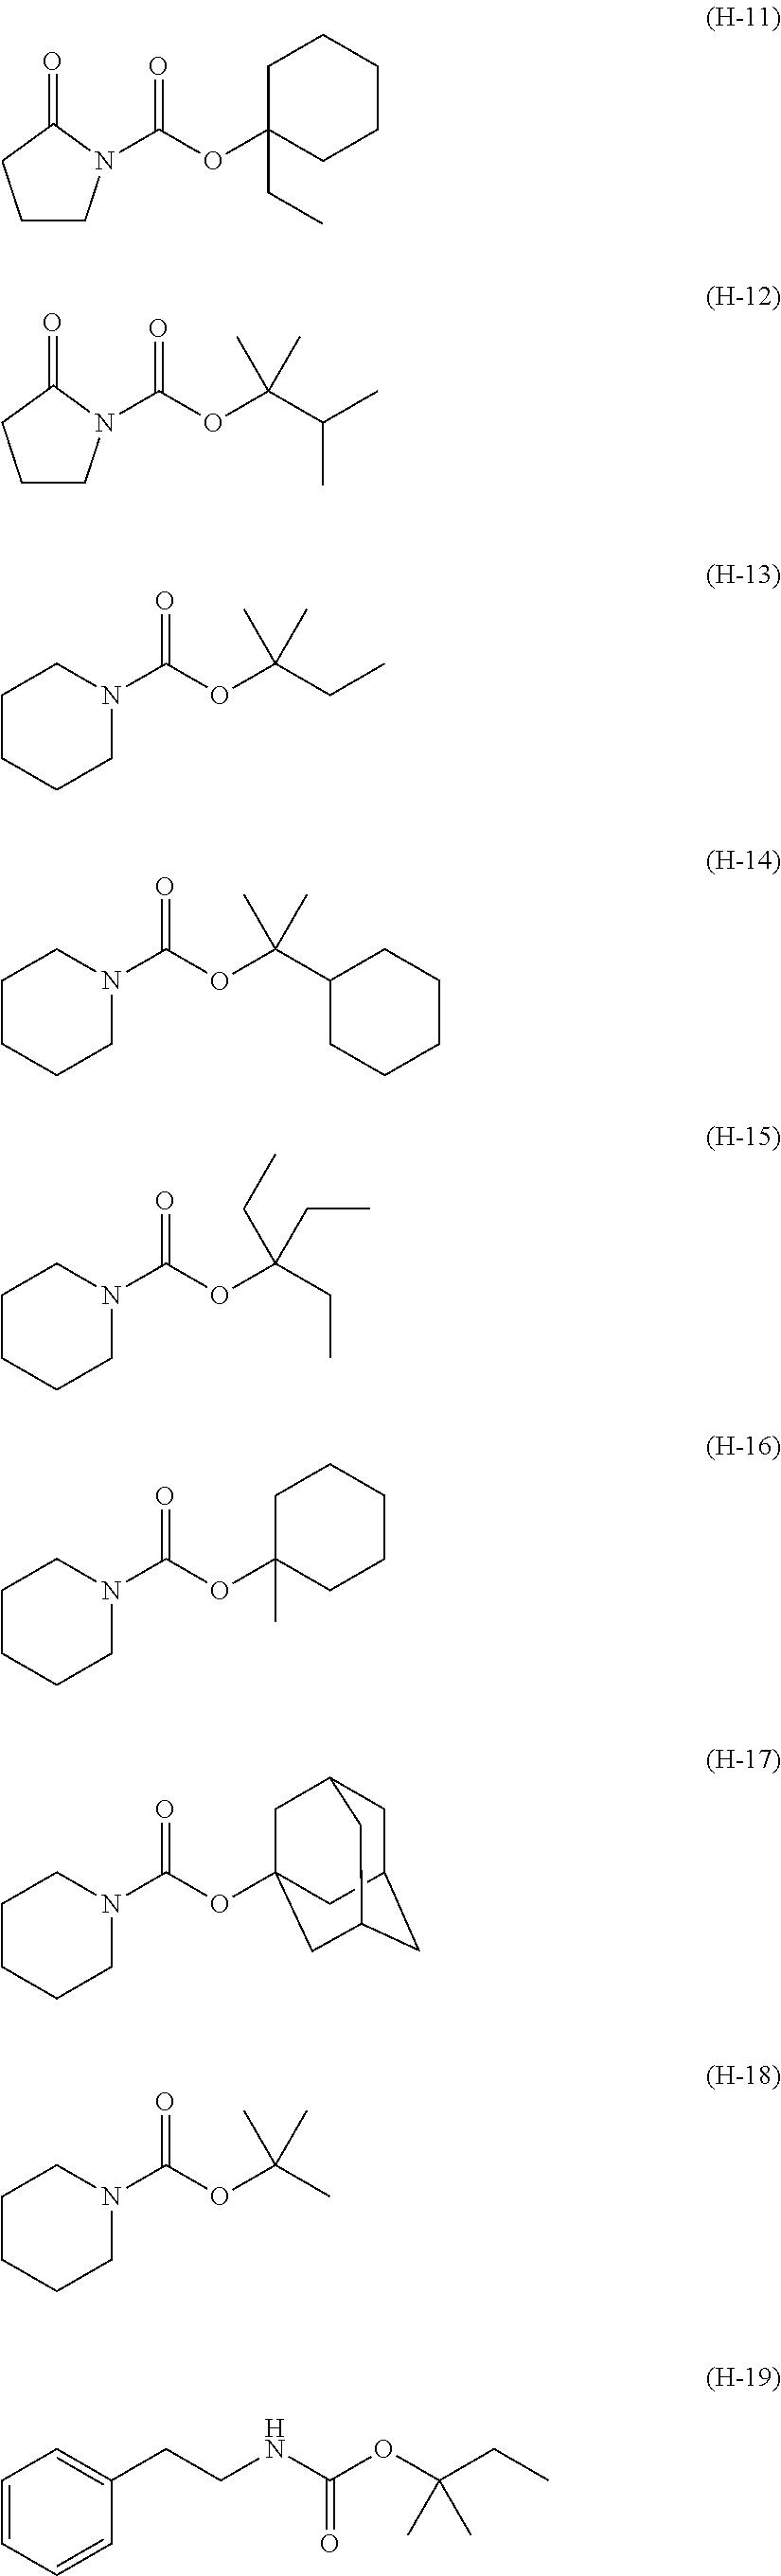 Figure US08637229-20140128-C00097